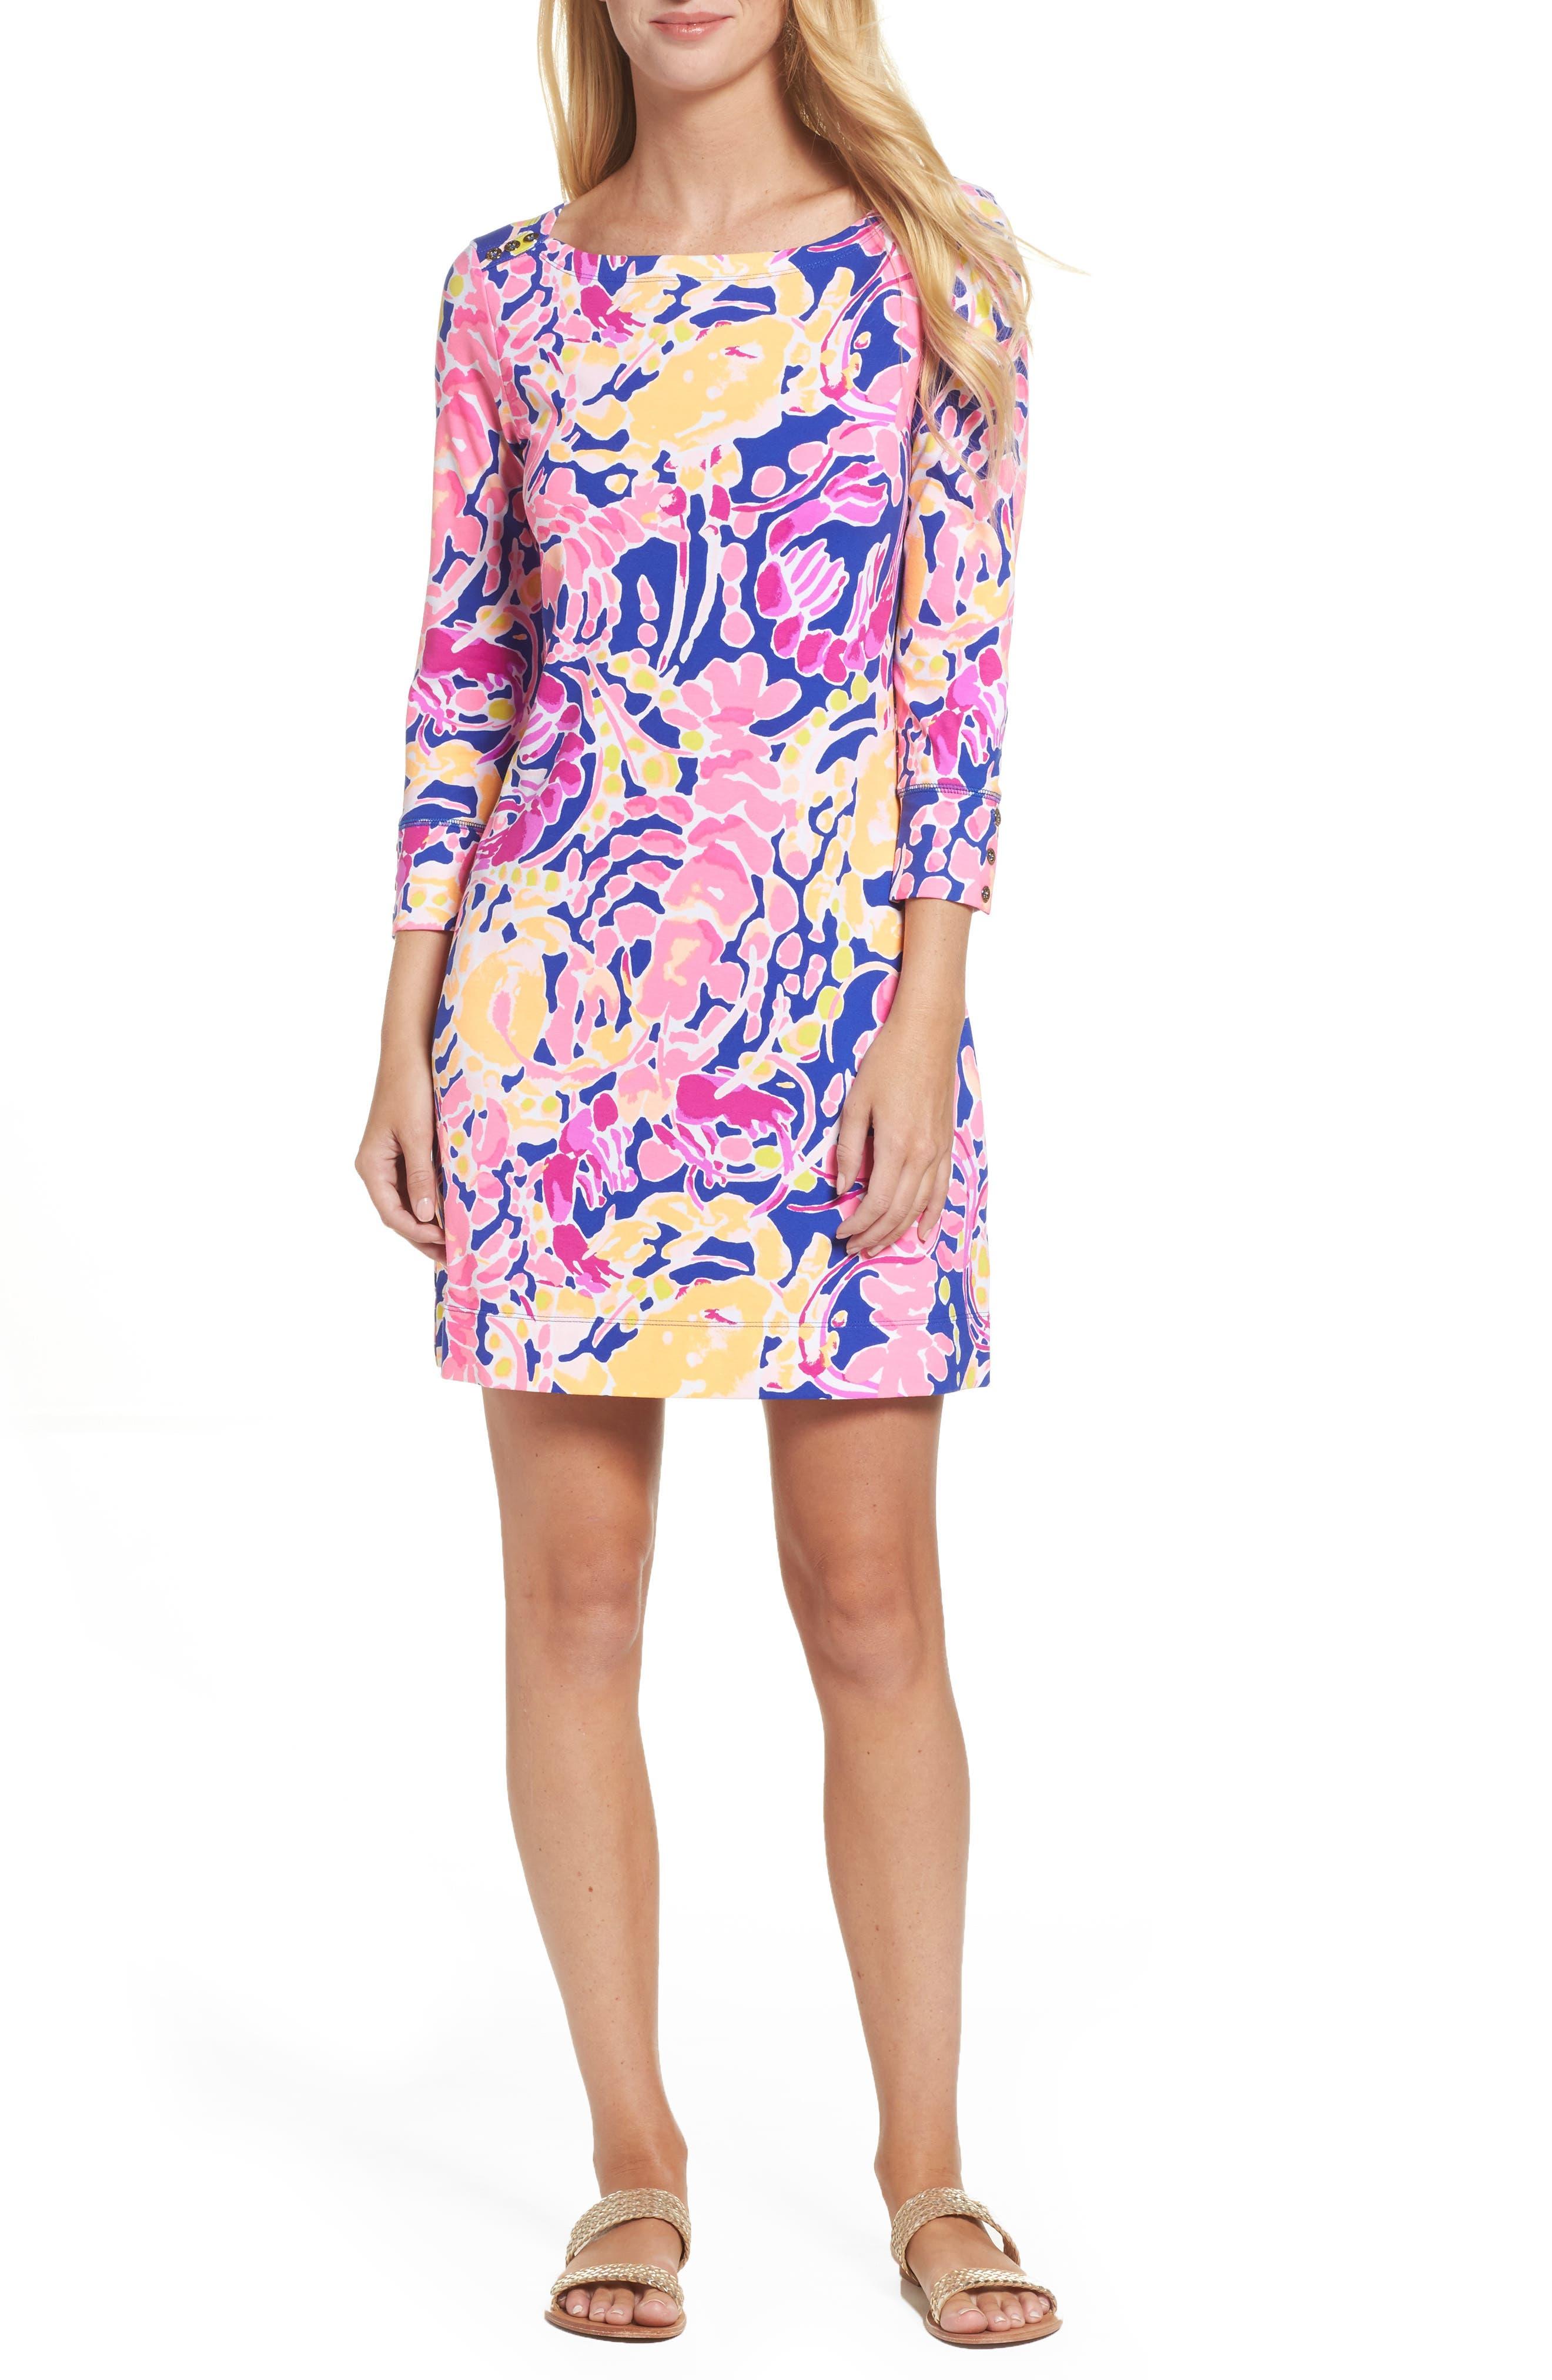 Sophie UPF 50+ Dress,                         Main,                         color, Brilliant Blue